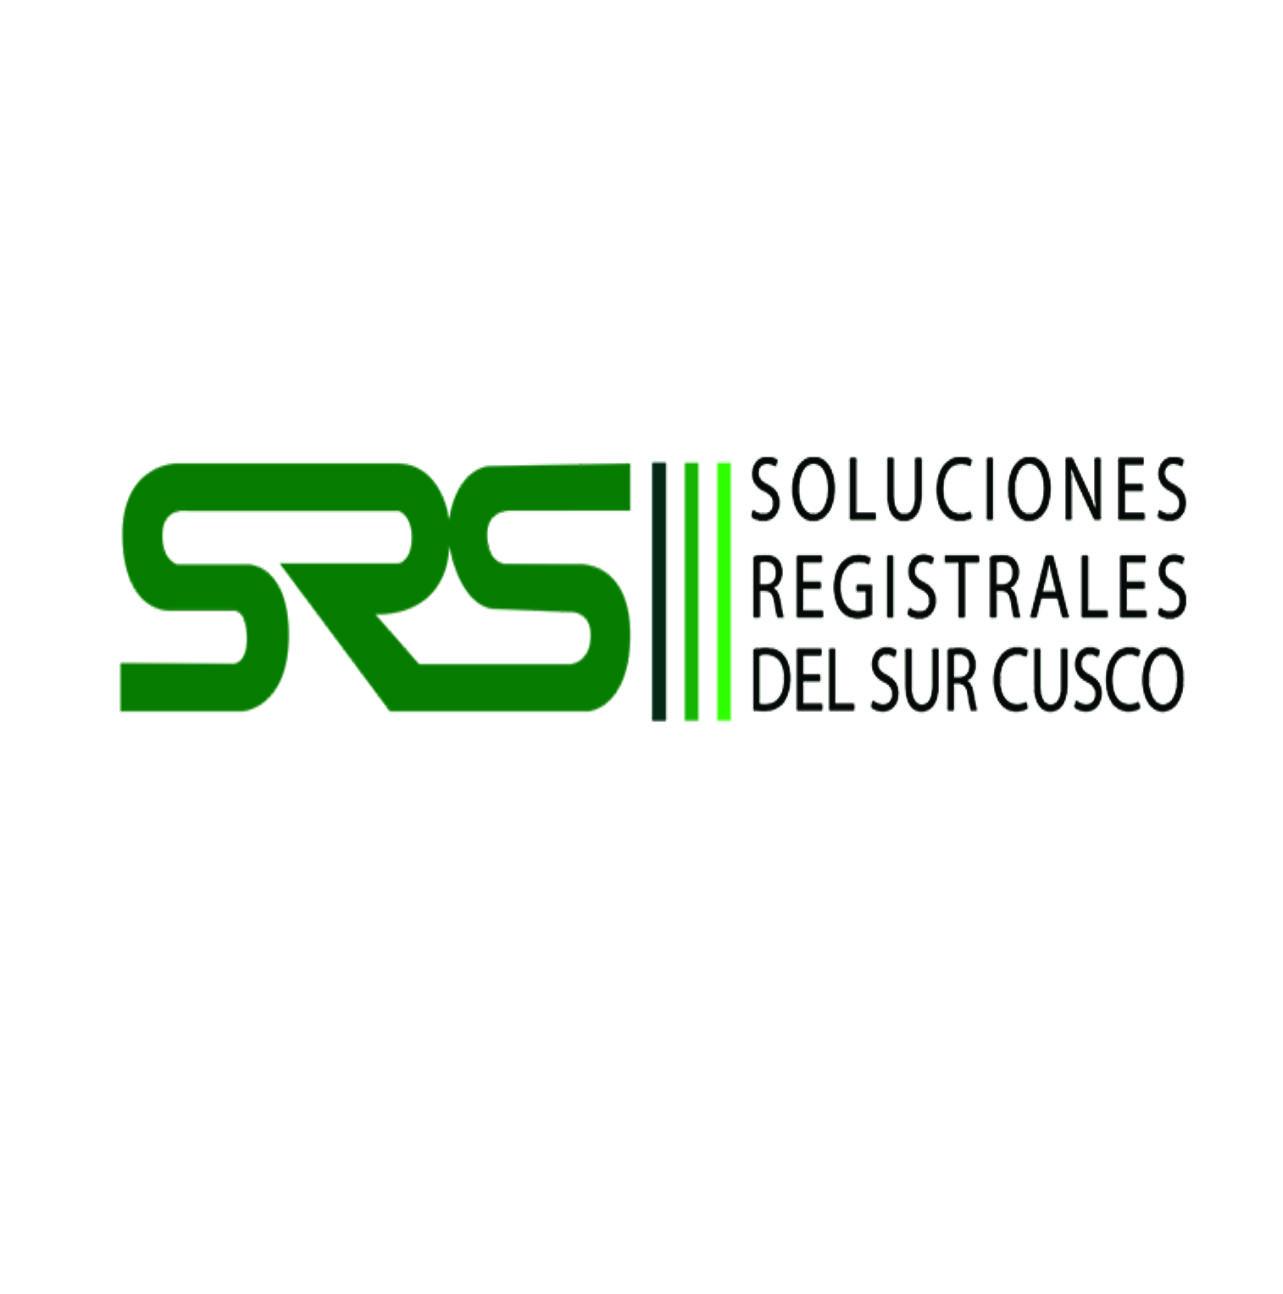 SRS Soluciones Registrales